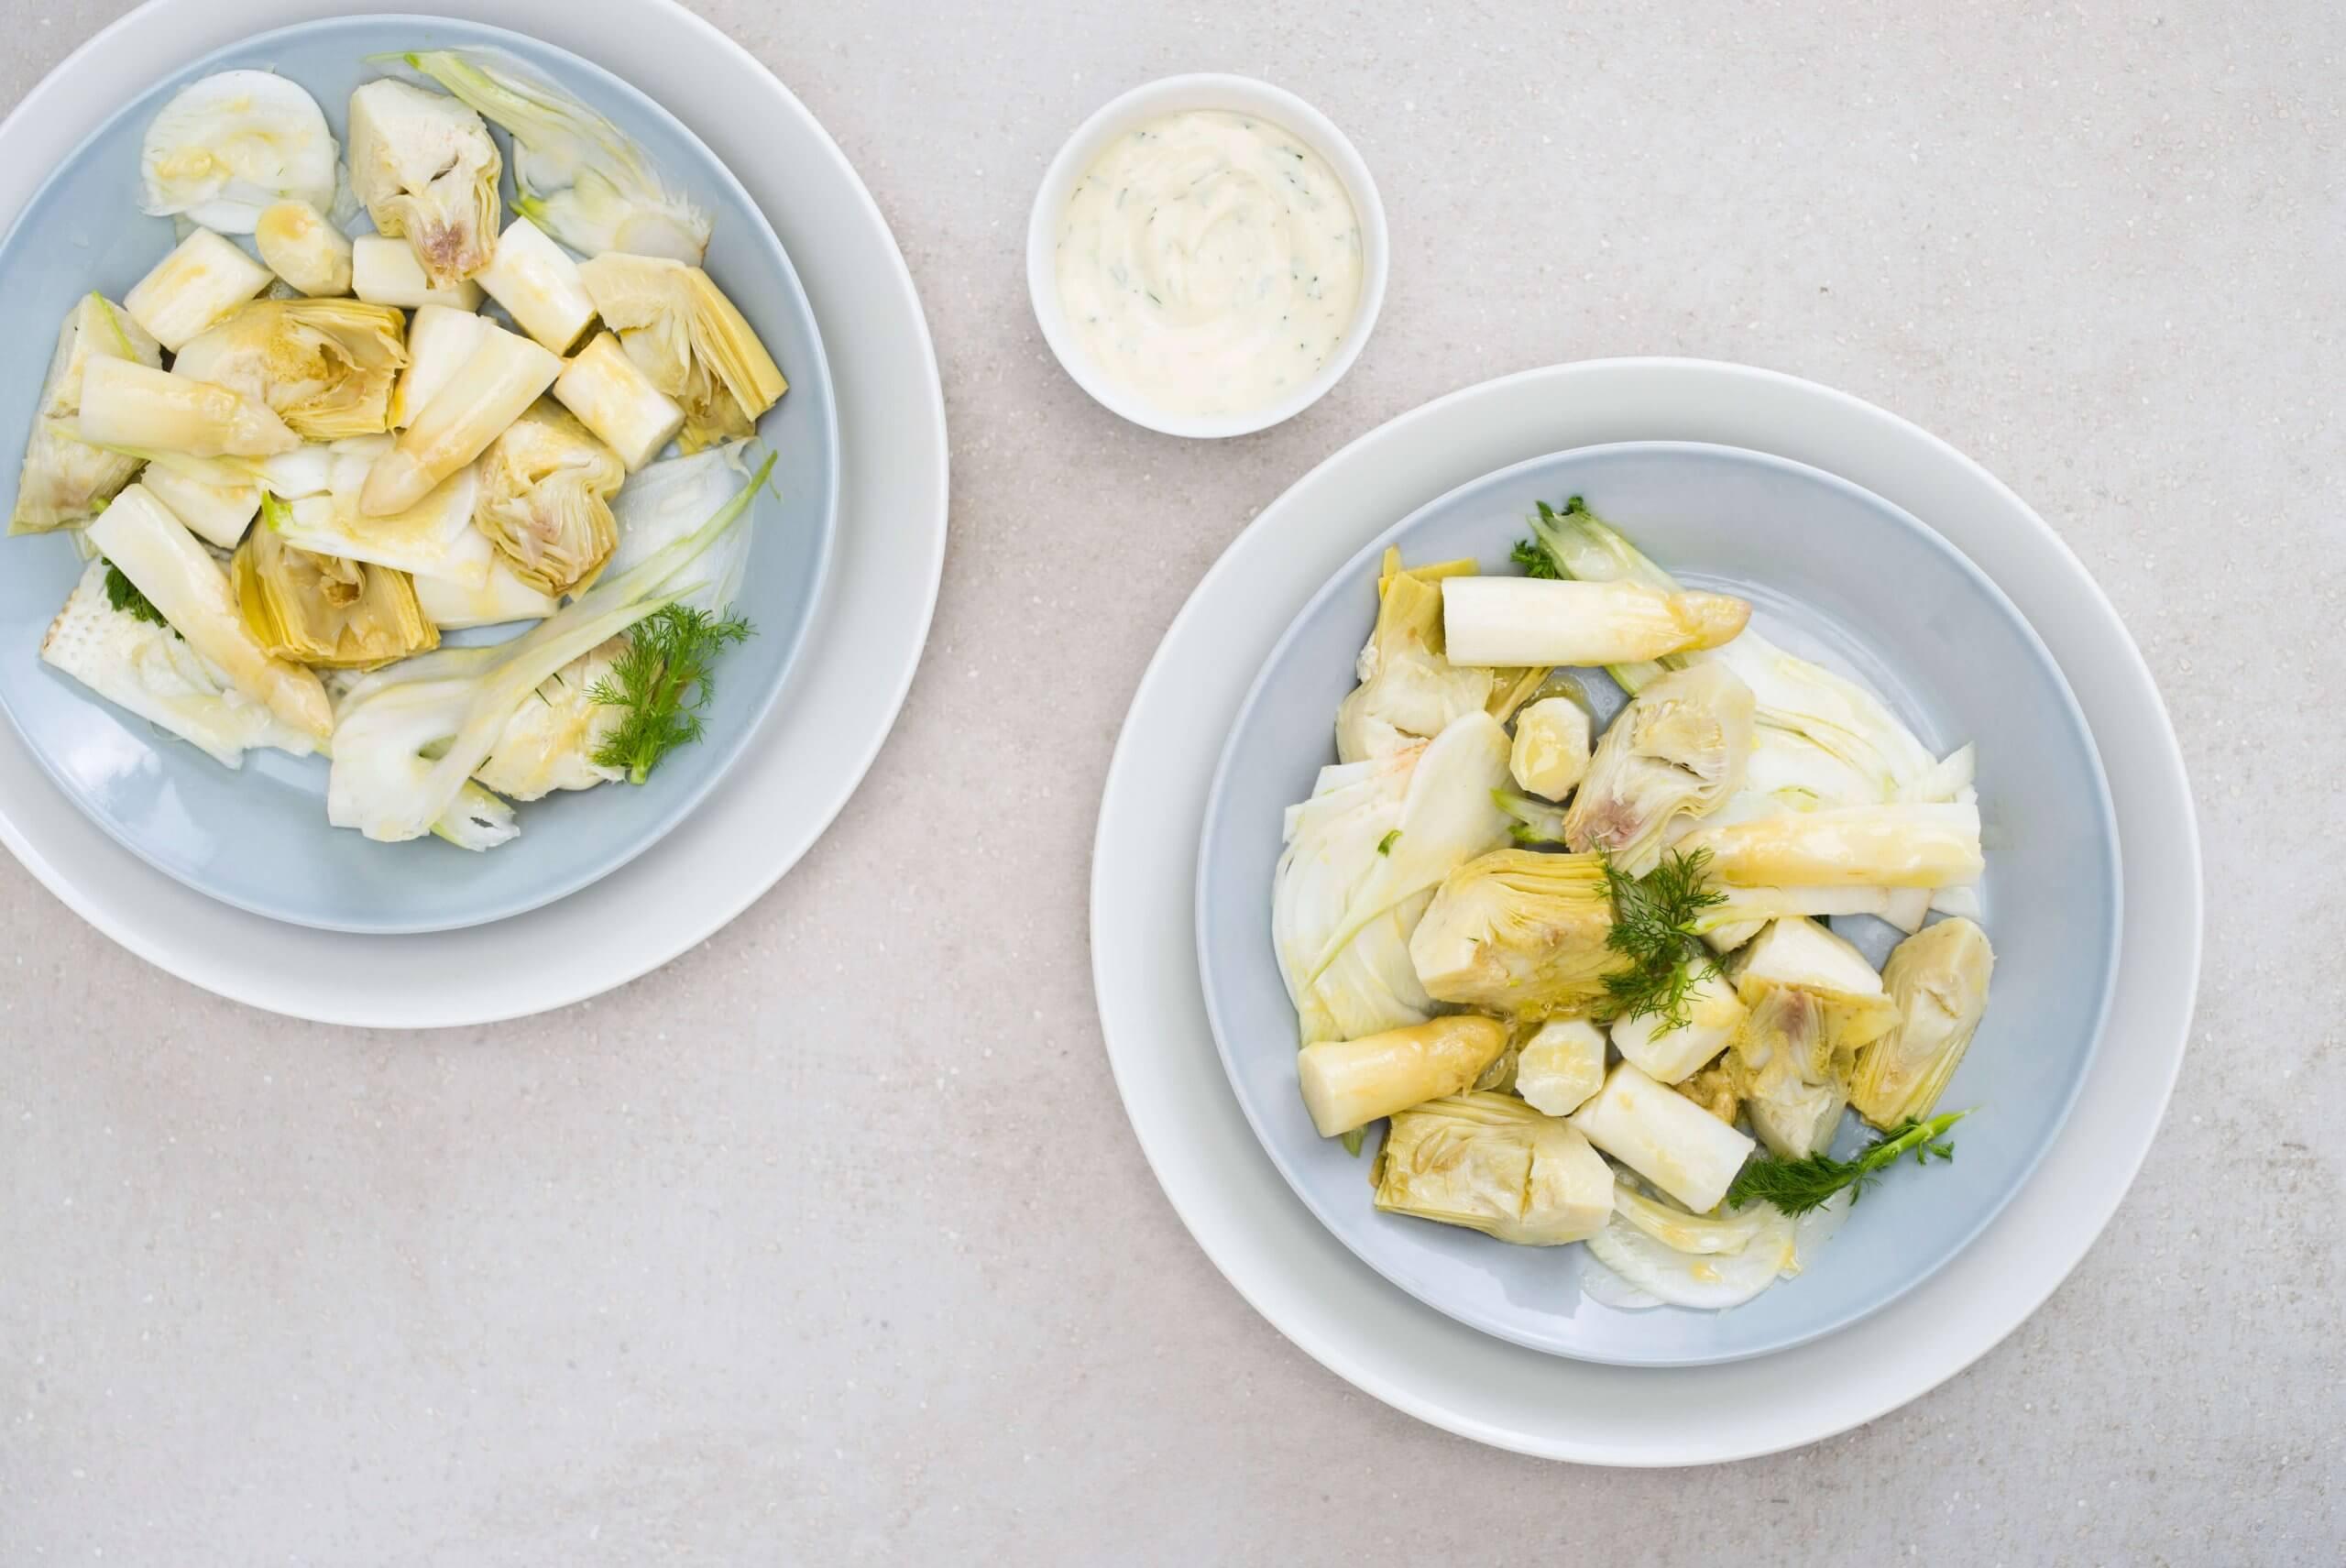 Salade van artisjok, asperges en venkel met limoenmayonaise